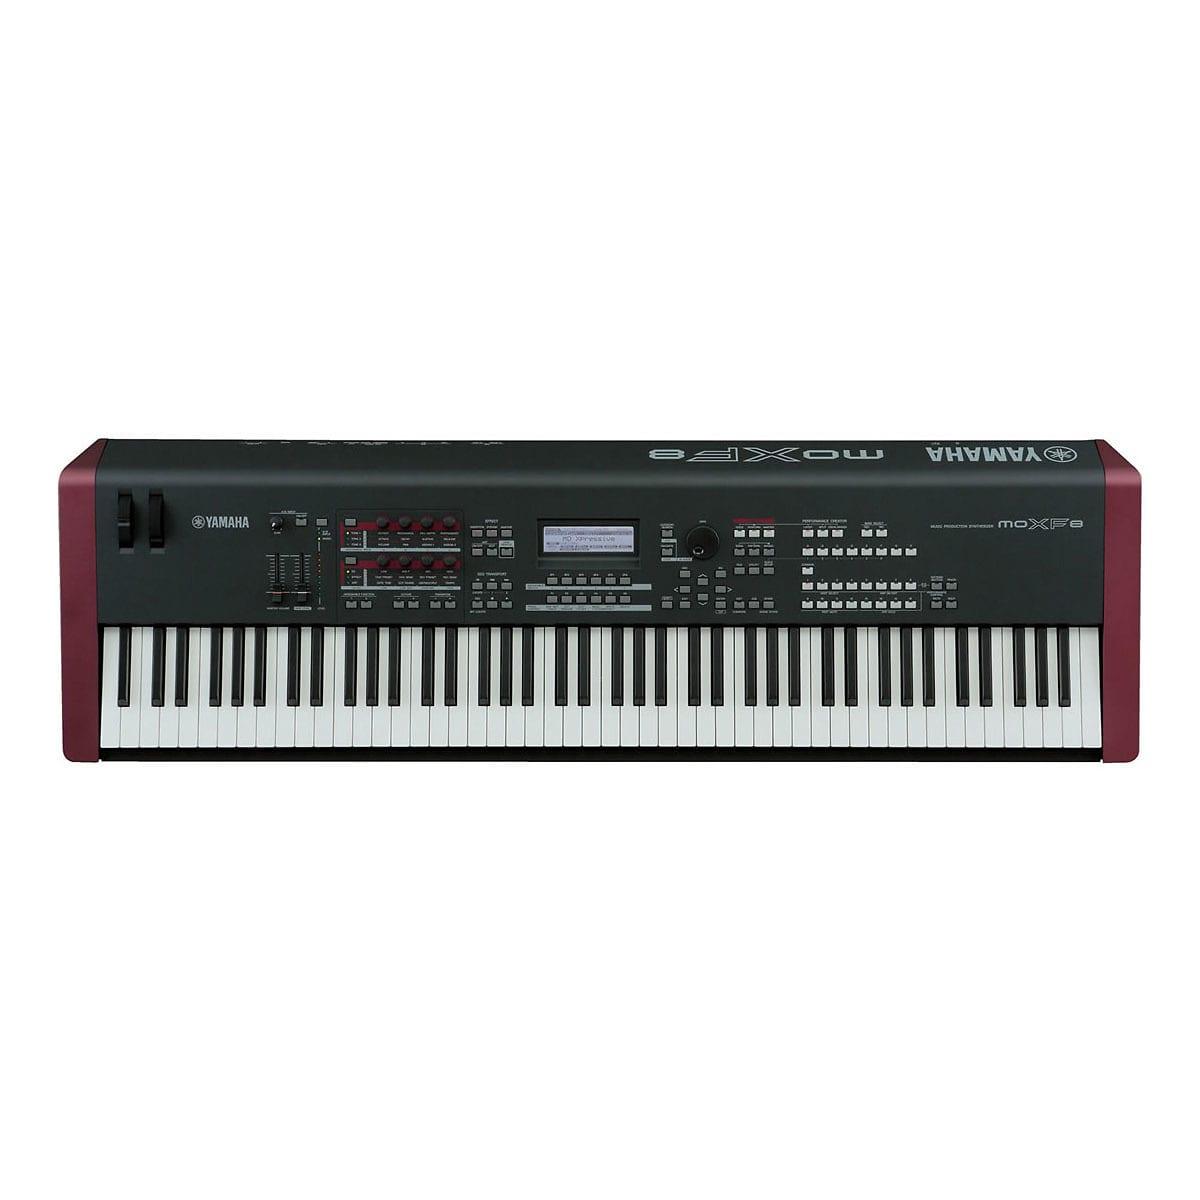 Yamaha moxf8 workstation synthesizer keyboard used reverb for Yamaha synthesizer keyboard